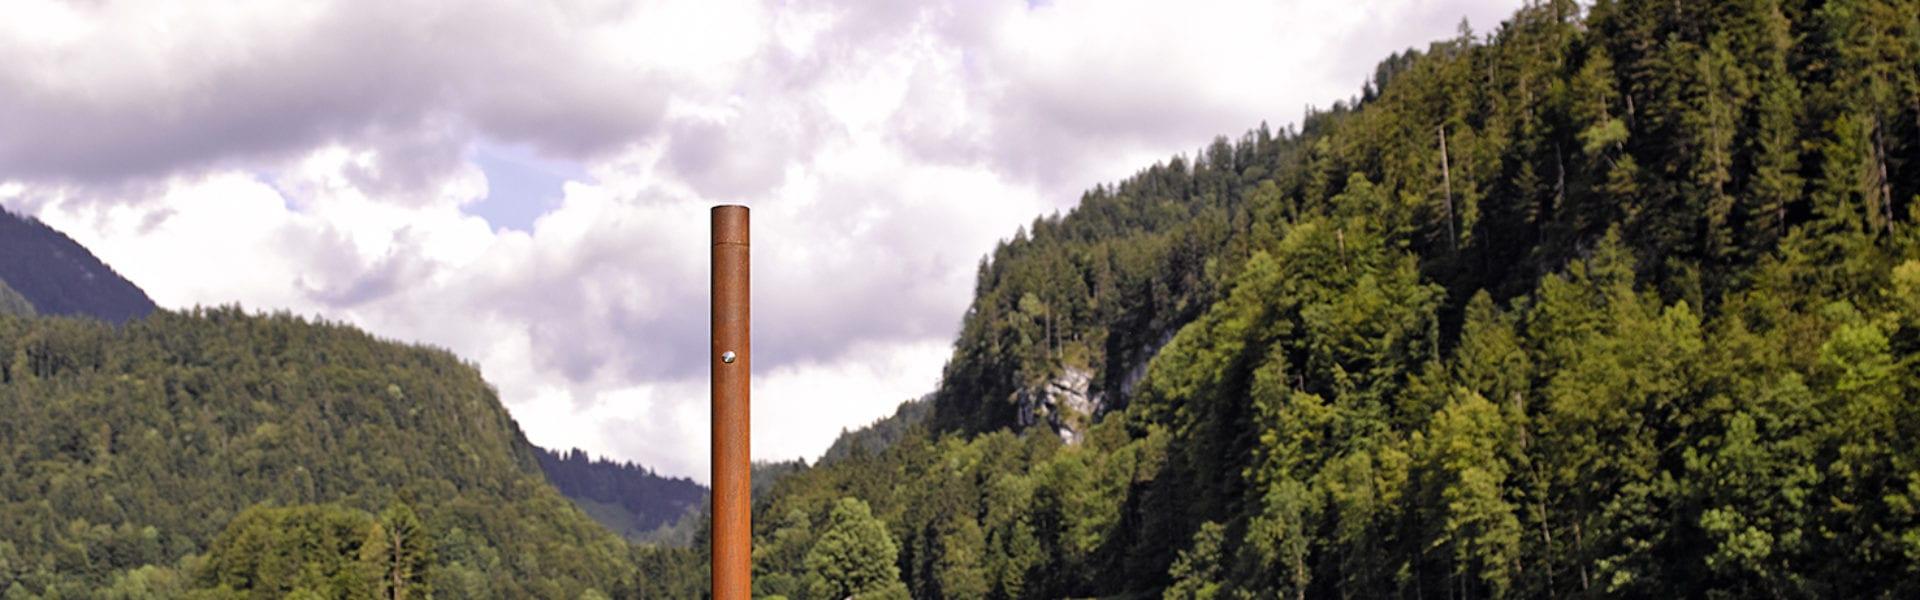 Umgang Bregenzerwald (c) Adolf Bereuter - Bregenzerwald Tourismus